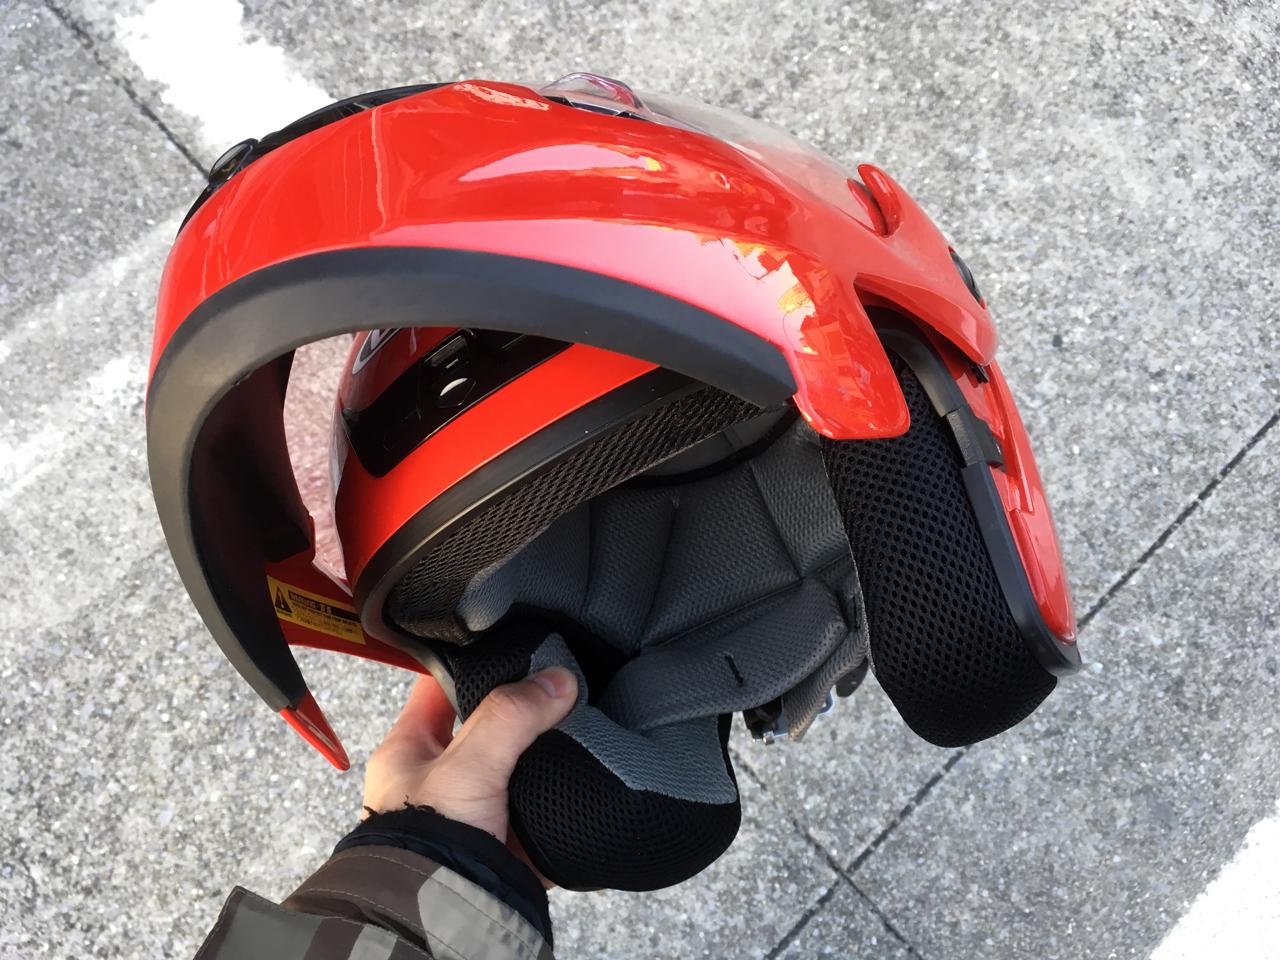 【テレオス3】スタンダードなシステムヘルメット。OGKデッドストック品でヘルメットを新調!